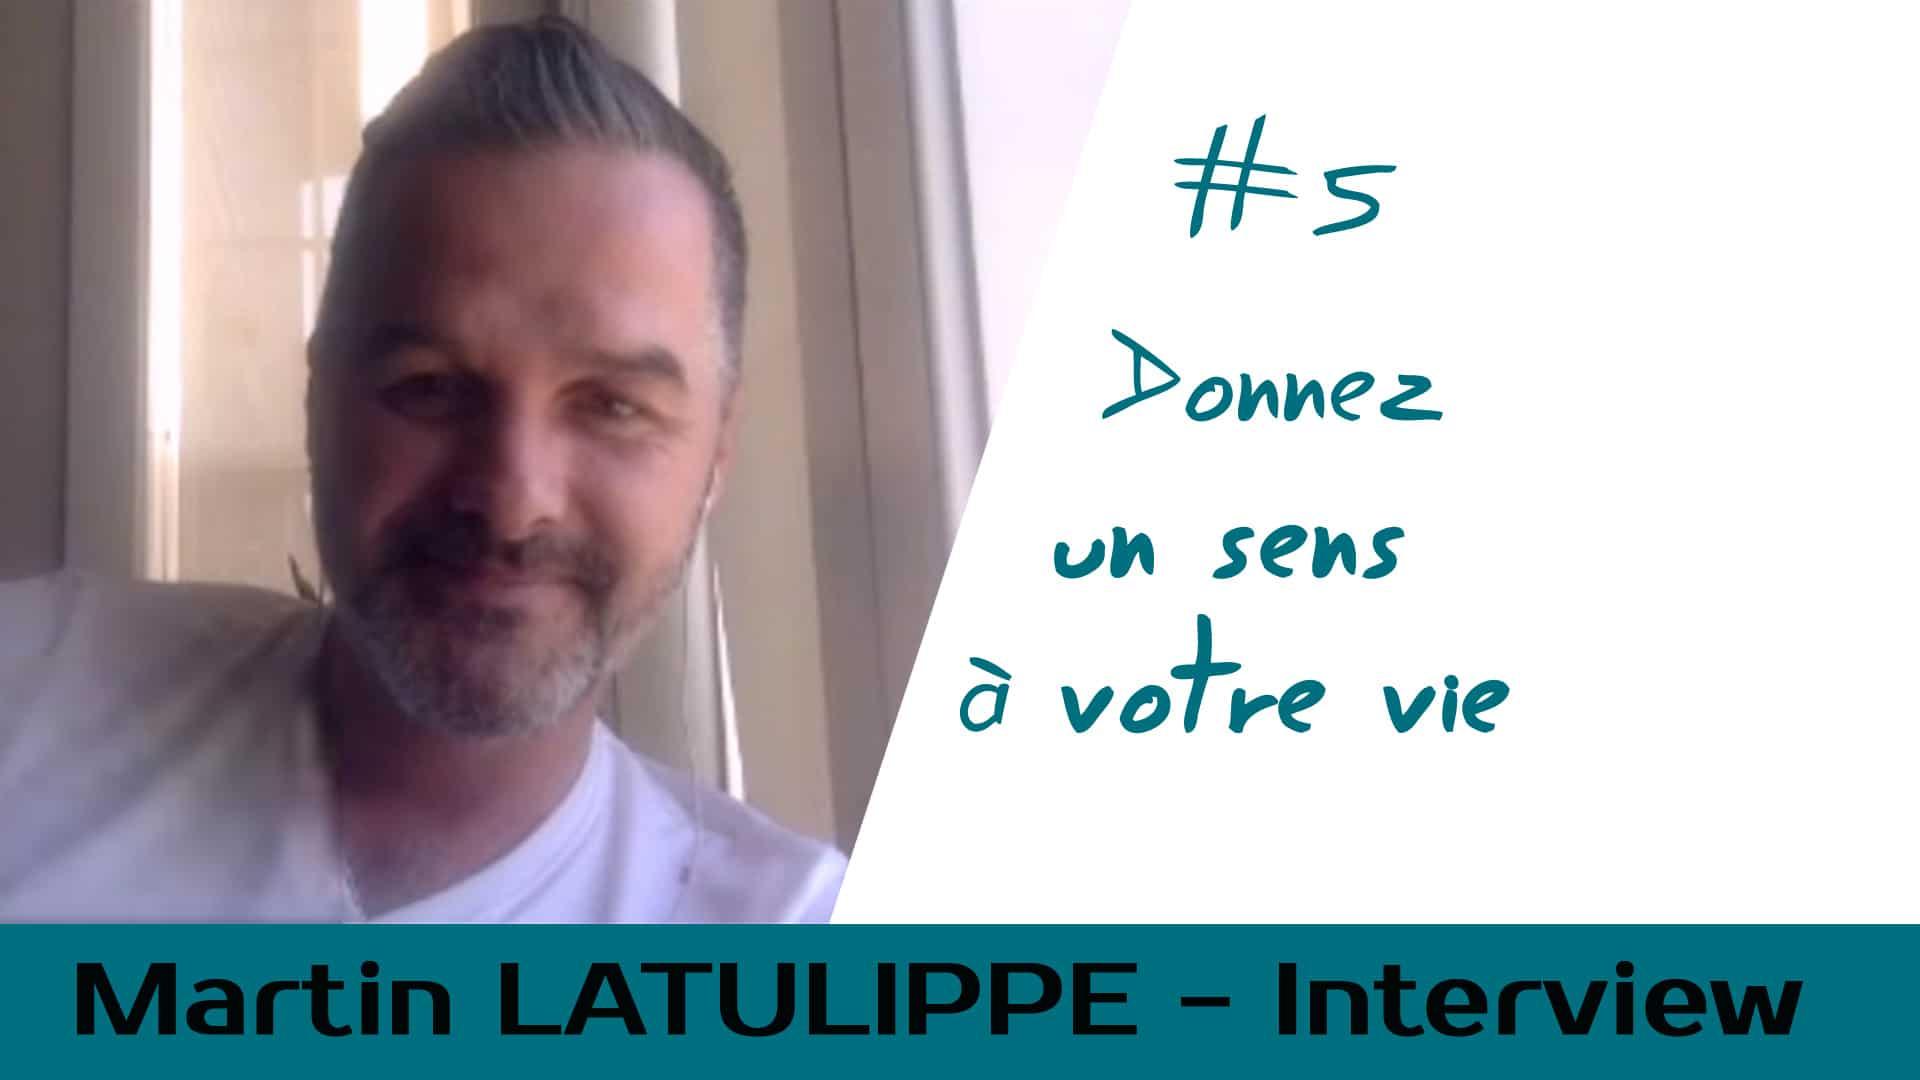 Donnez un sens à votre vie – Interview Martin Latulippe #5